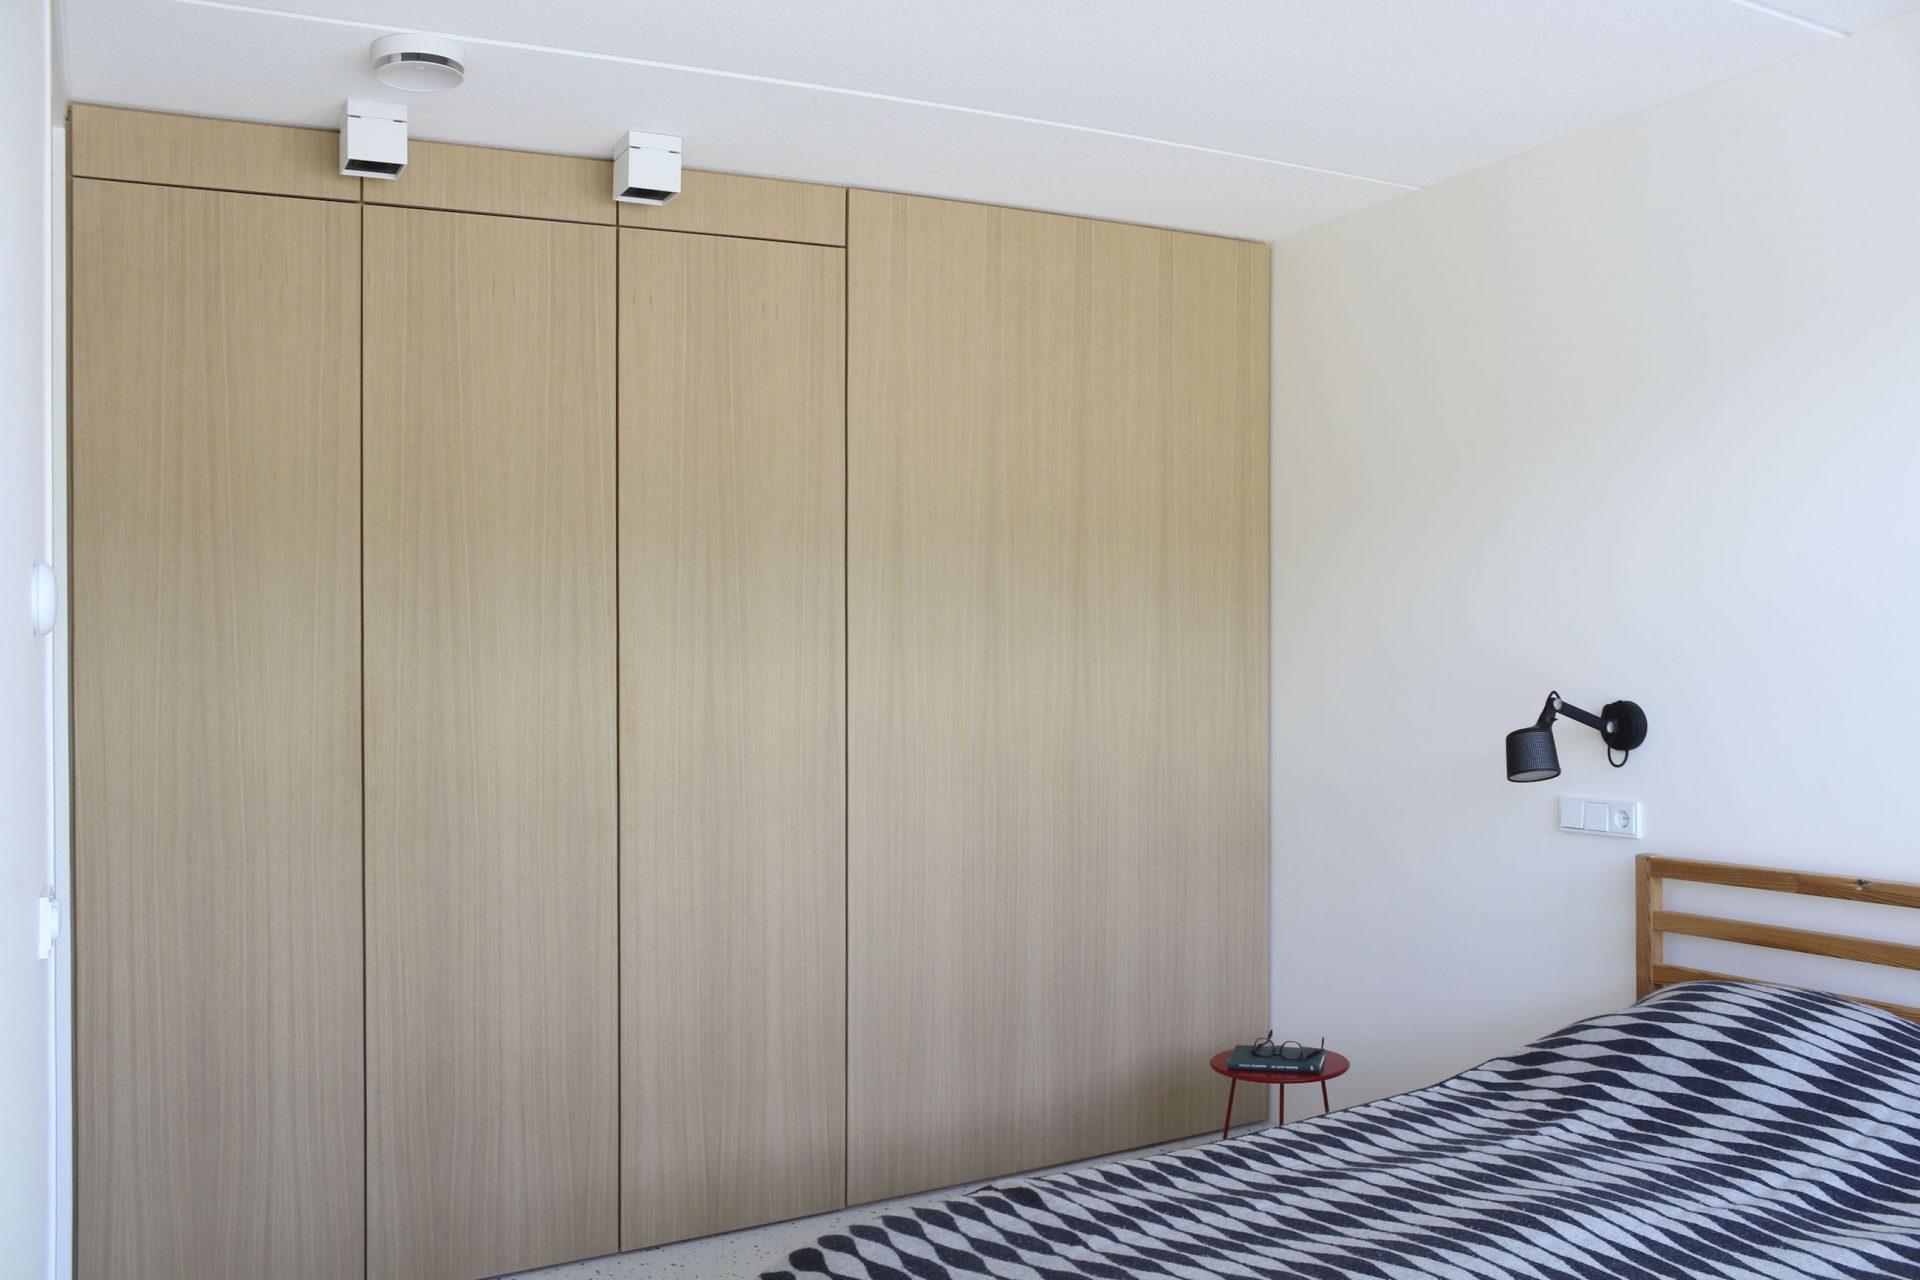 Plafond hoge eikenhouten maatwerkkasten maken de binnenhuisarchitectuur tot een geheel.